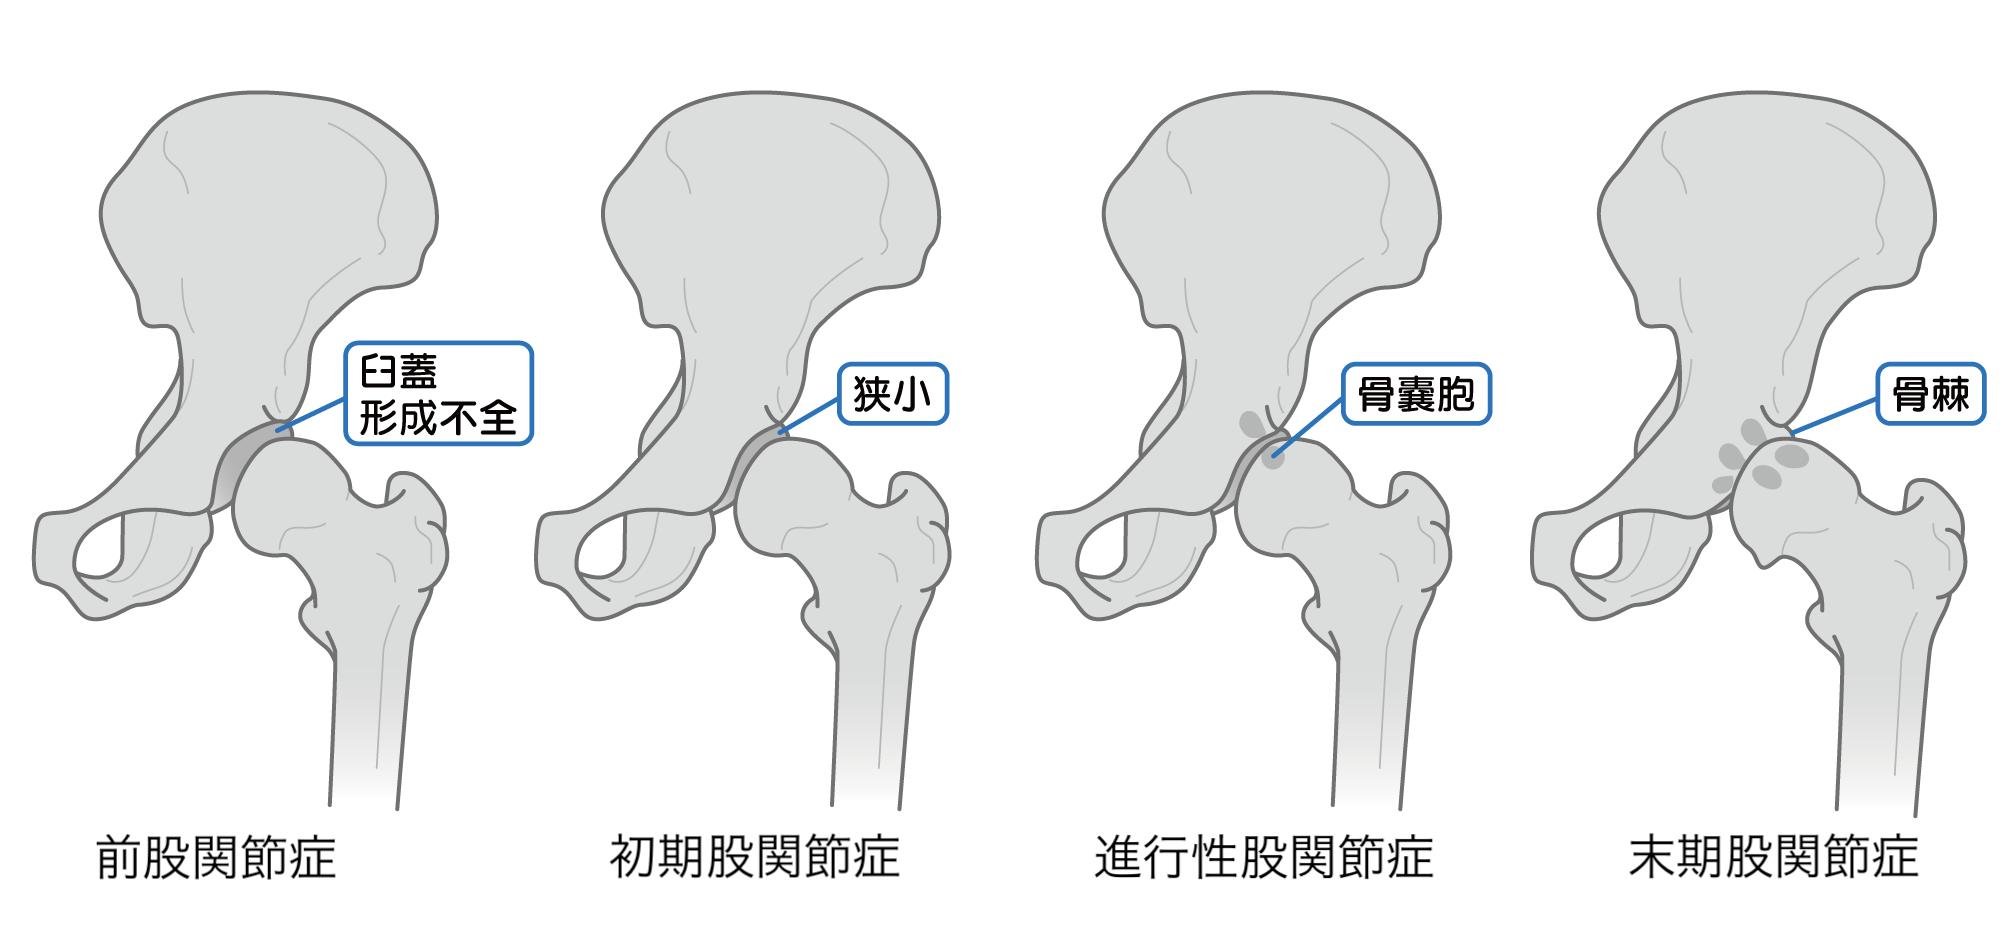 変形性股関節症による歩行症状と原因、治療方法について紹介 | AYUMI EYE